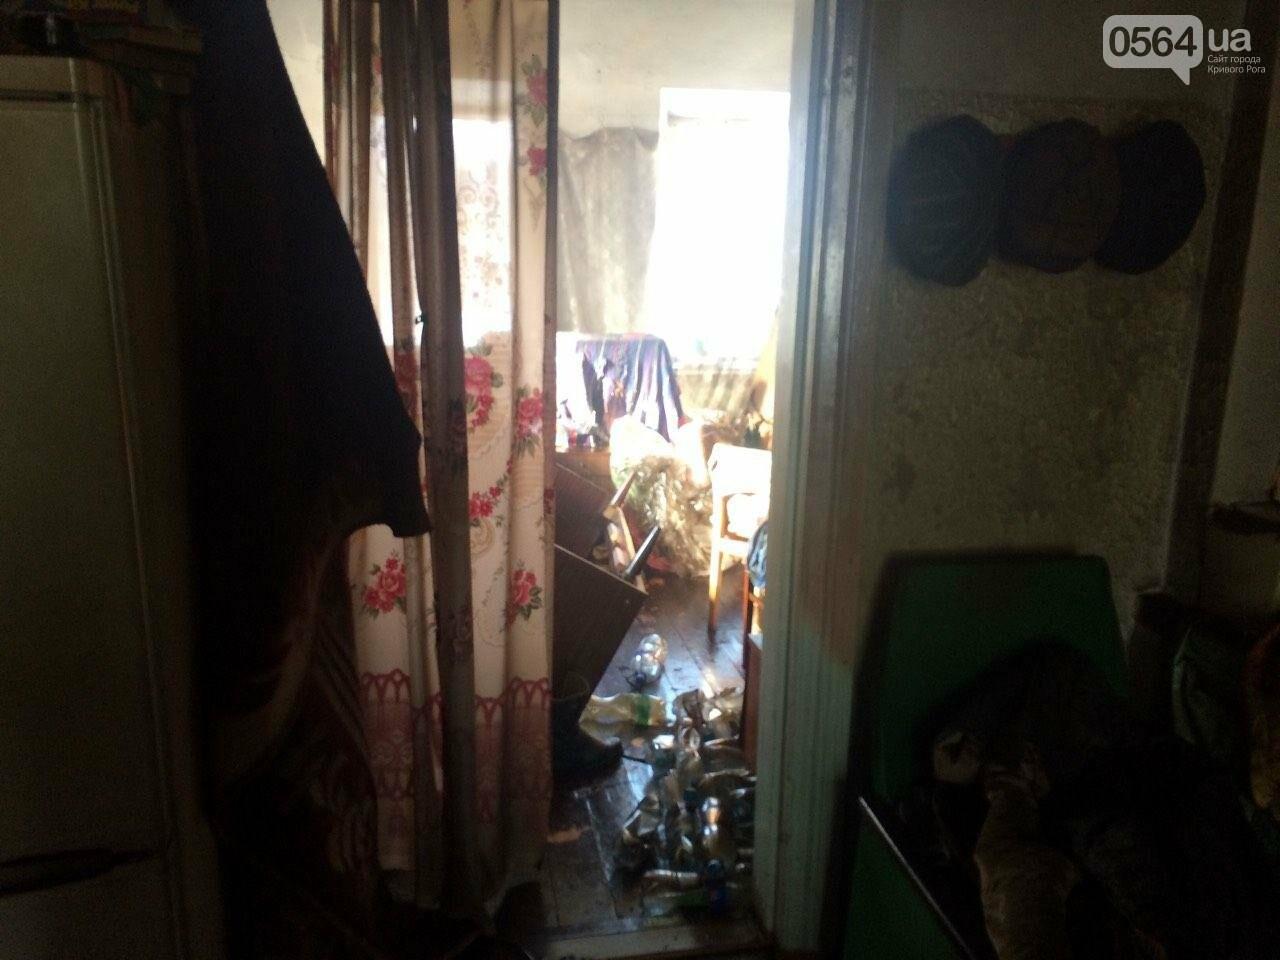 В Кривом Роге дедушка сгорел в собственном доме (ФОТО), фото-1